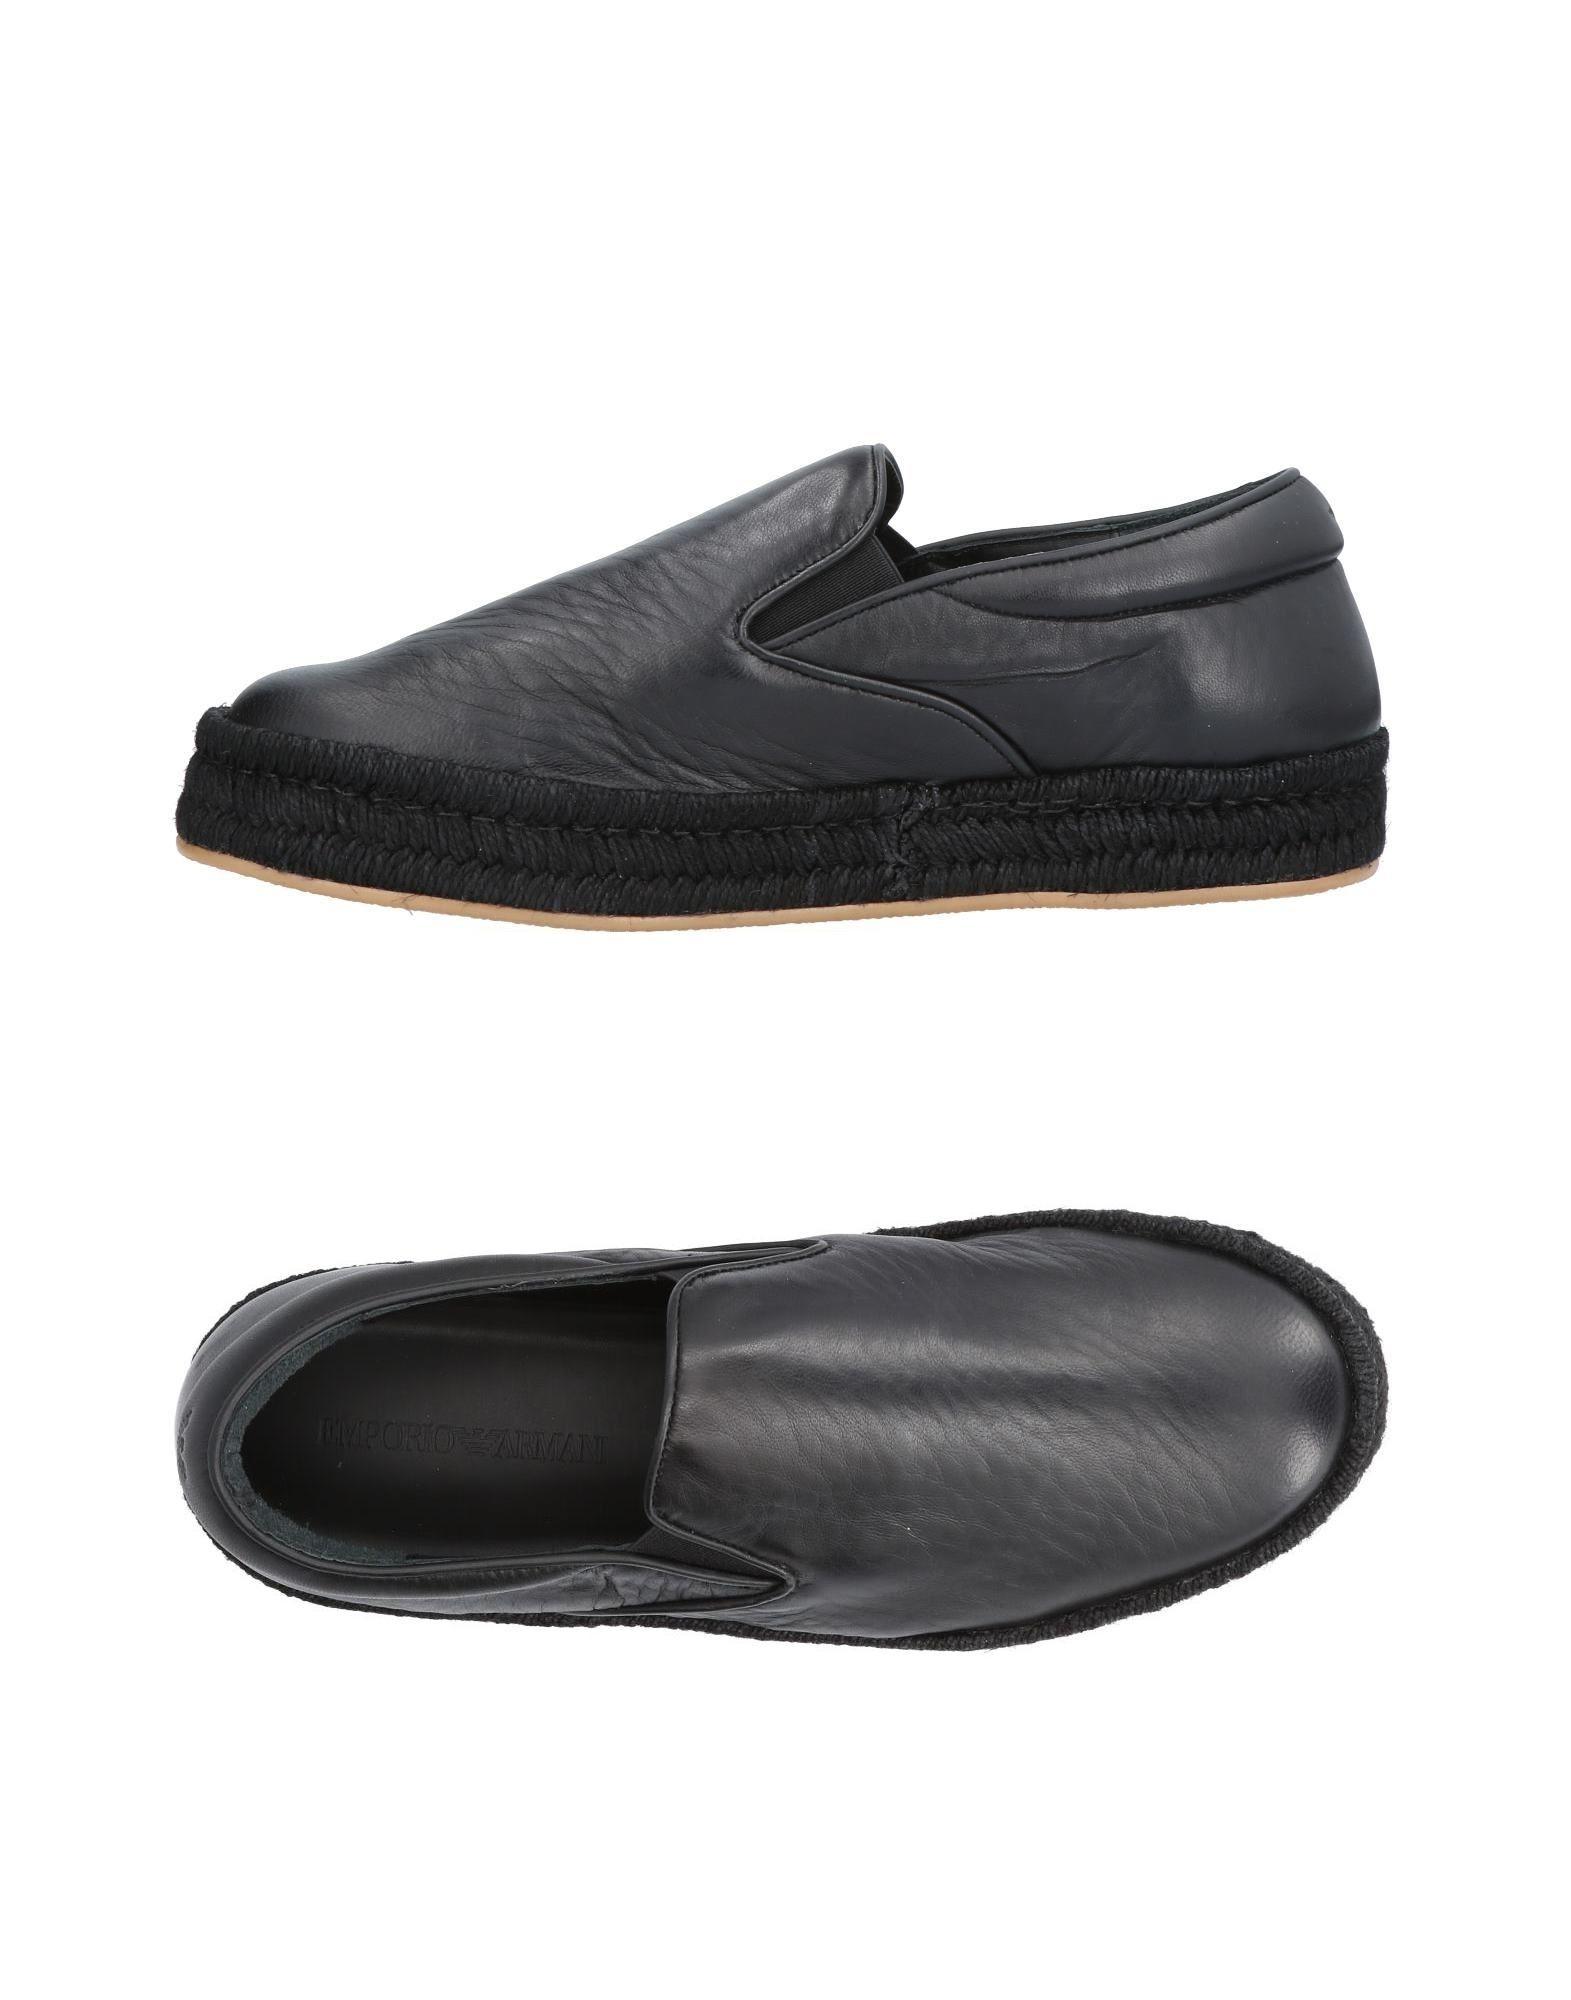 Emporio Armani Espadrilles Herren  11423440BJ Gute Qualität beliebte Schuhe